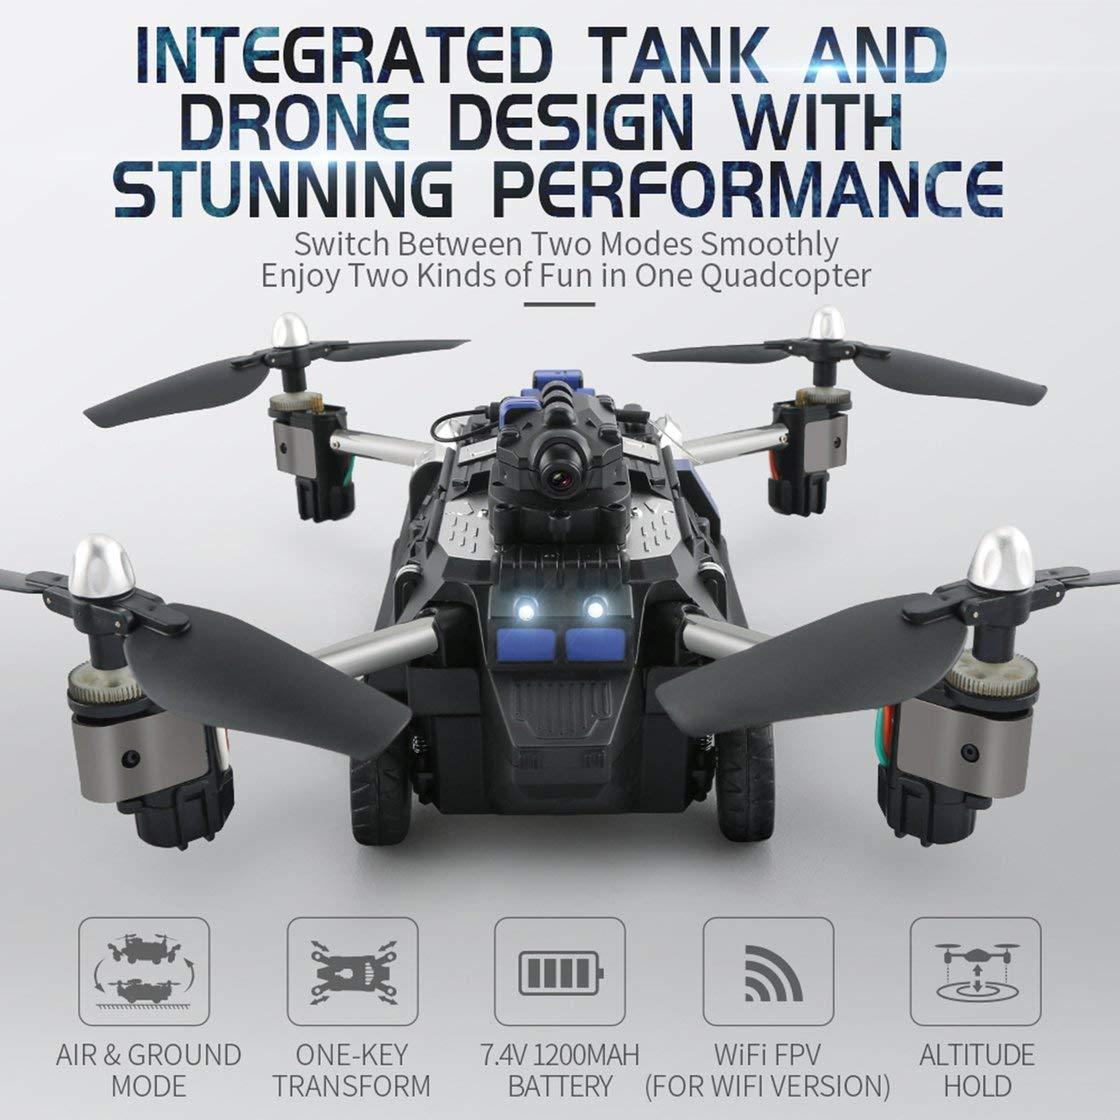 barato y de alta calidad Laurelmartina JJR / C C C H40WH Selfie FPV RC 2.4G RC Quadcopter Tank Car Drone Aviones con 720 P WiFi HD Cámara Altitud Mantener 360 ° Flips  comprar descuentos